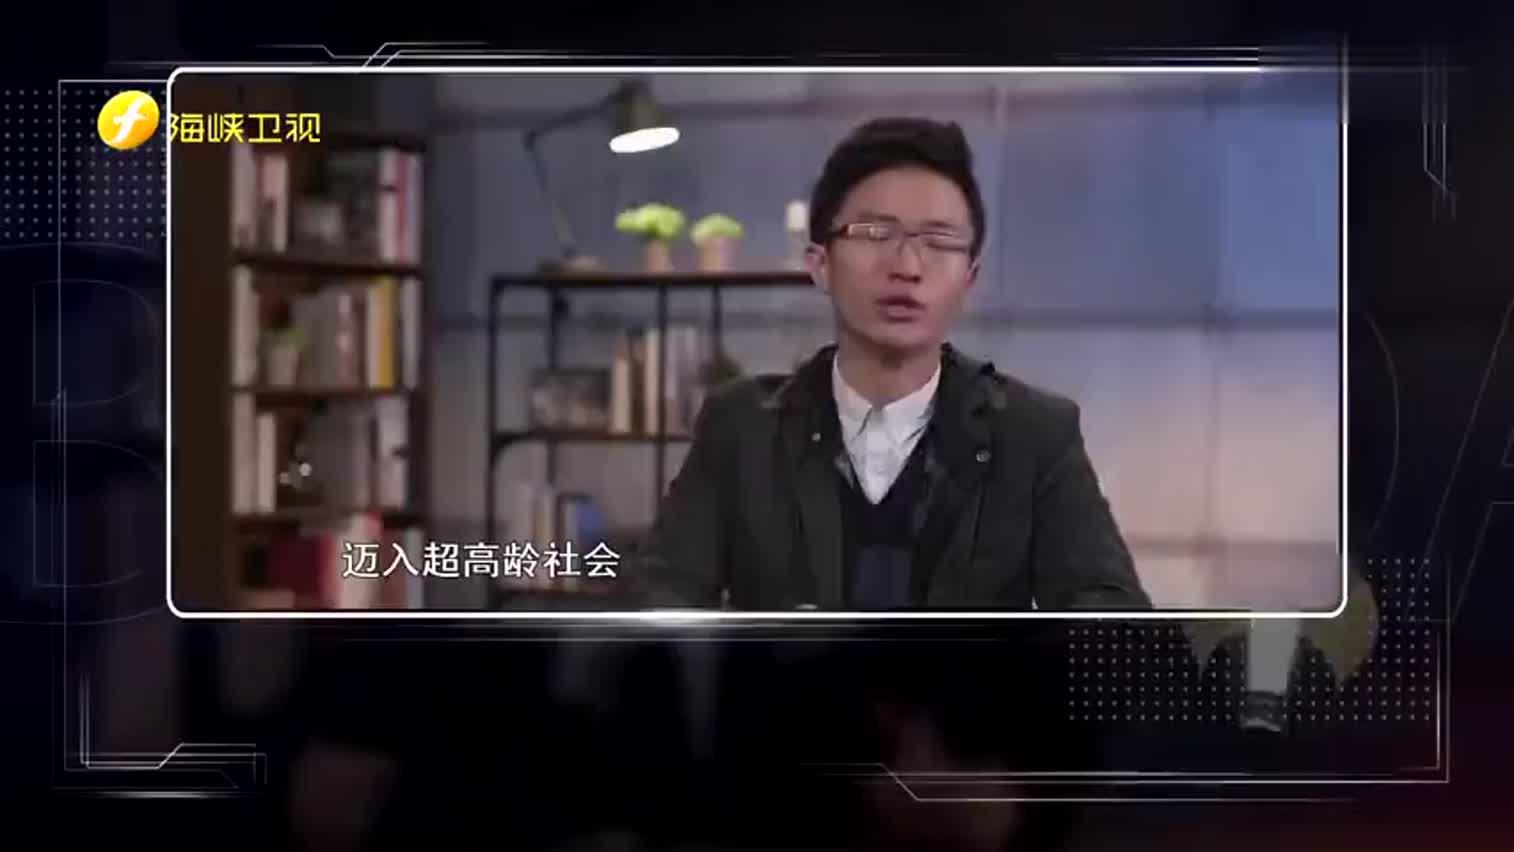 何去何从?台湾进入老龄化 少子化社会